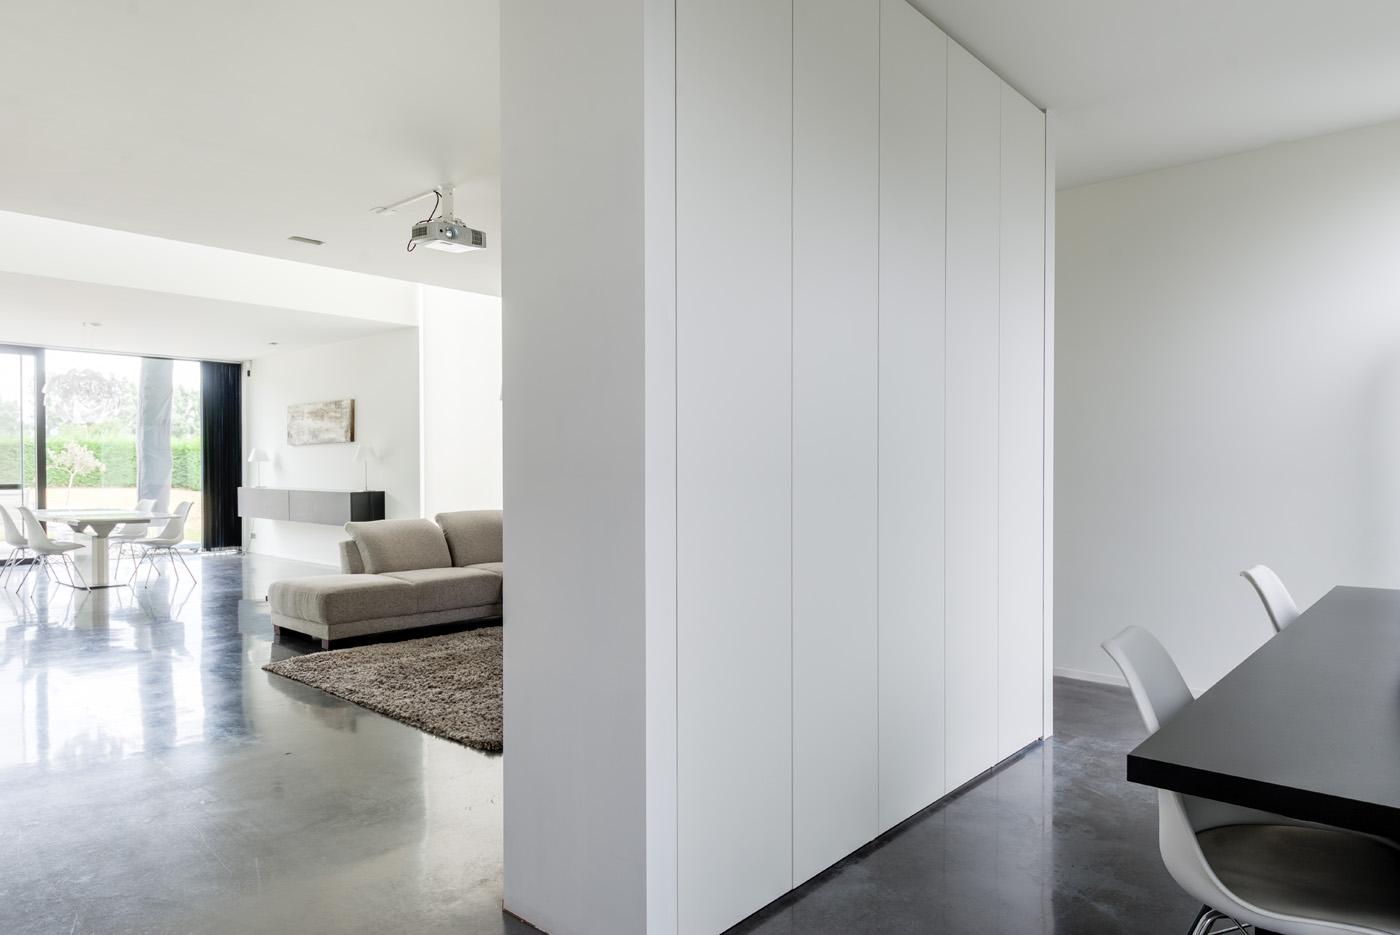 Spiksplinternieuw Scheidingswanden op maat | 2 kamers, 1 ruimte | DM-Line UR-53